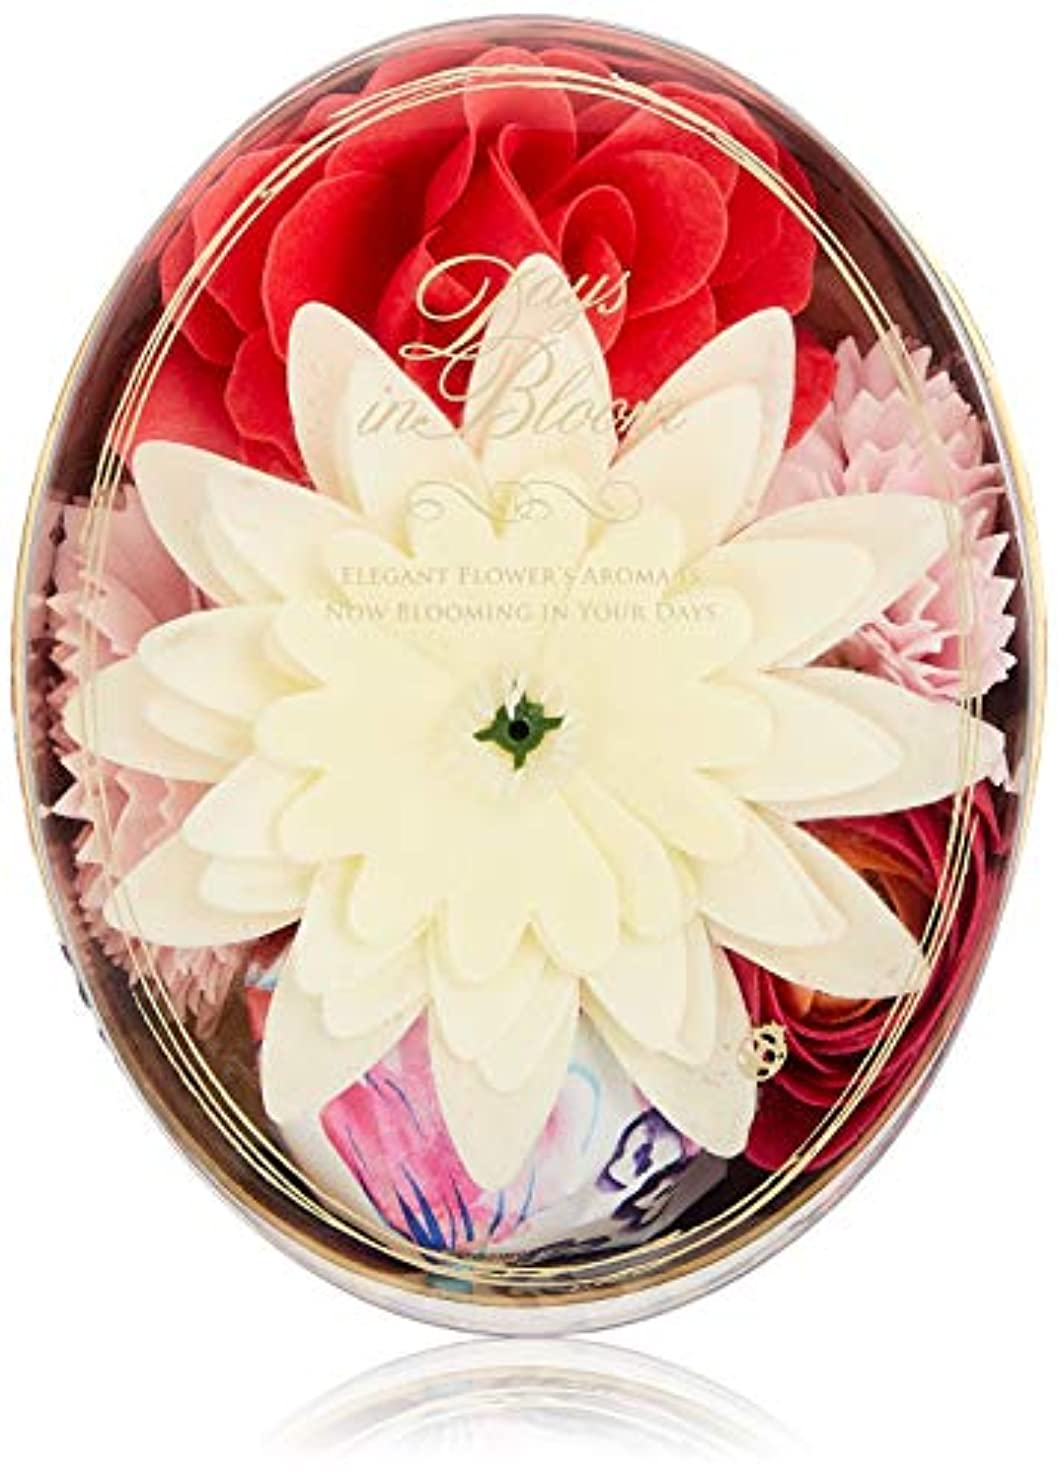 罪悪感葬儀化学薬品デイズインブルーム バスセットオーバル ローズ (入浴料 お花の形のバスギフト)